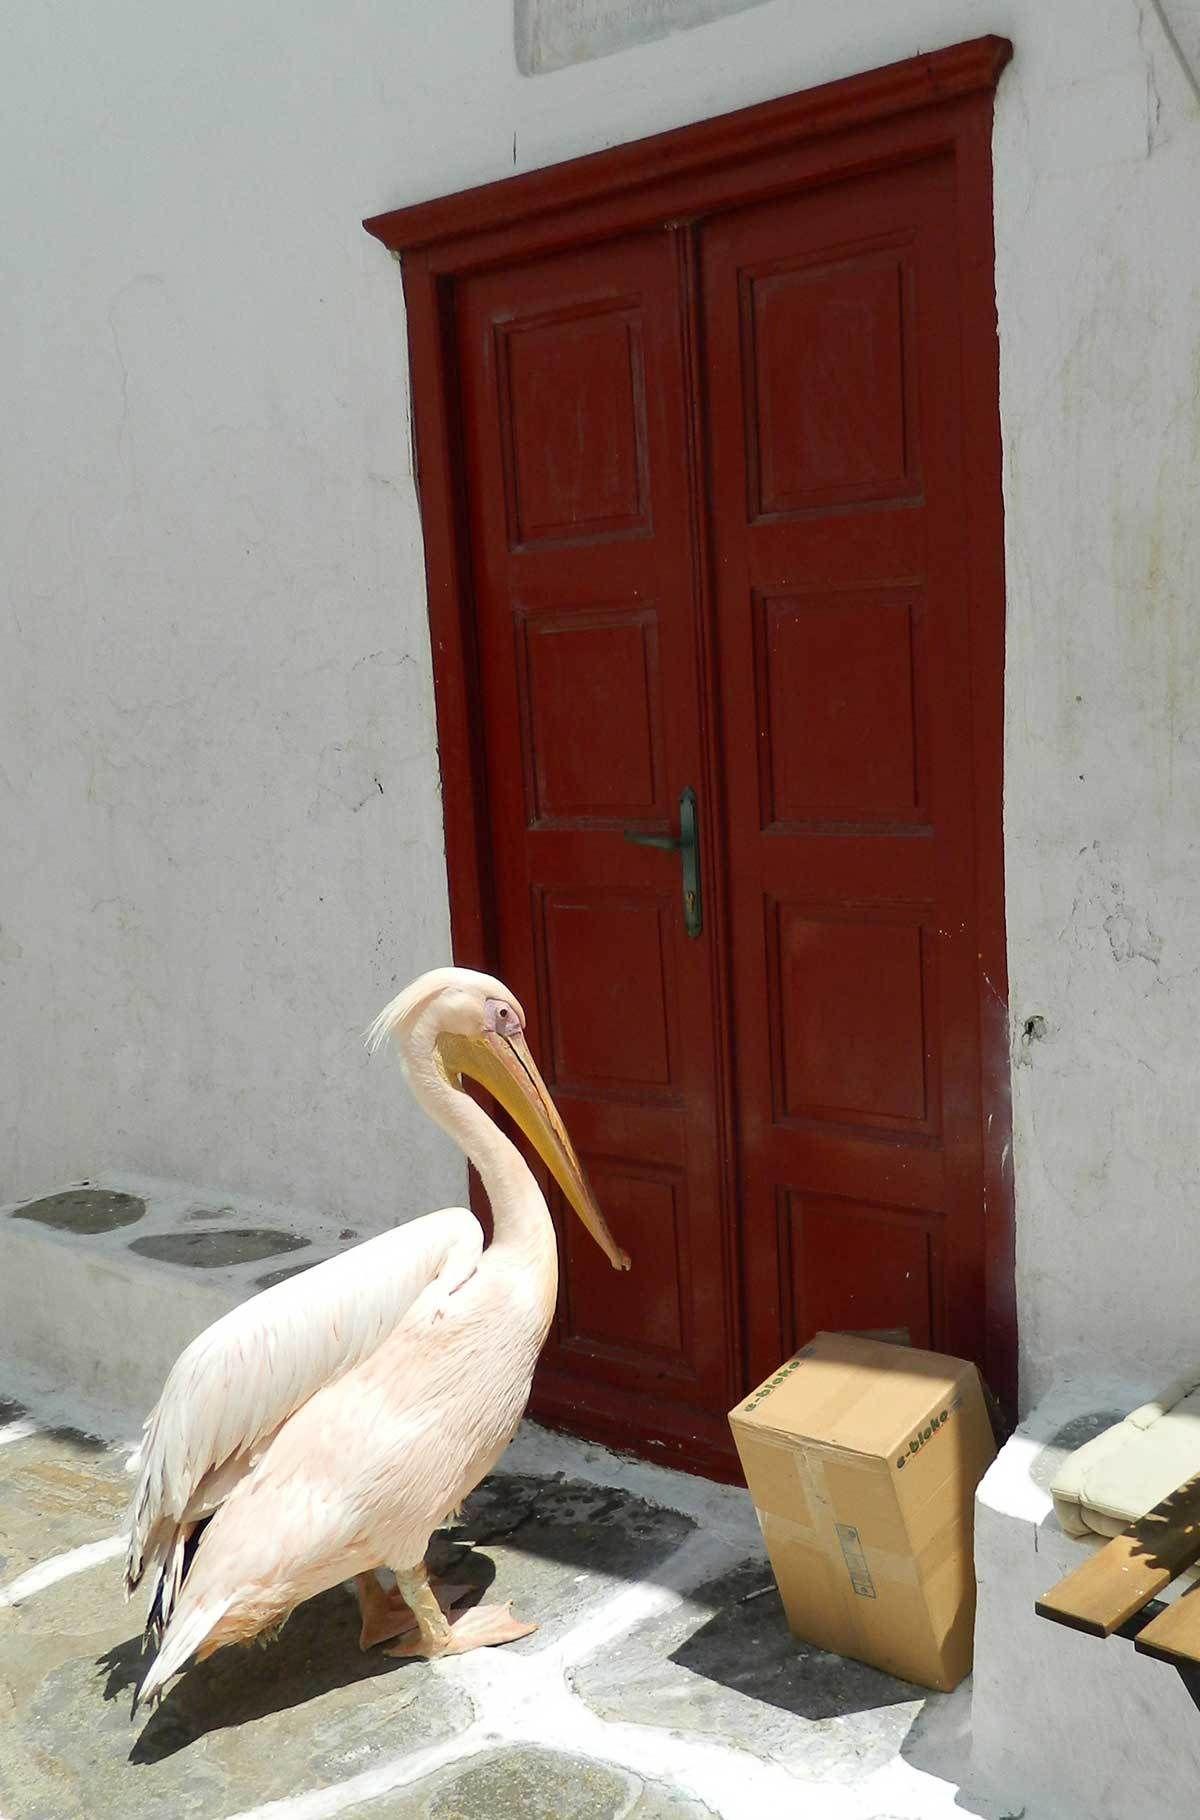 Fotos de viagem à Grécia: o pelicano Petros é uma das atrações inusitadas da ilha de Mykonos. Ele anda livremente pelas ruazinhas e, quando aparece, chama a atenção de todas as câmeras fotográficas do pedaço.